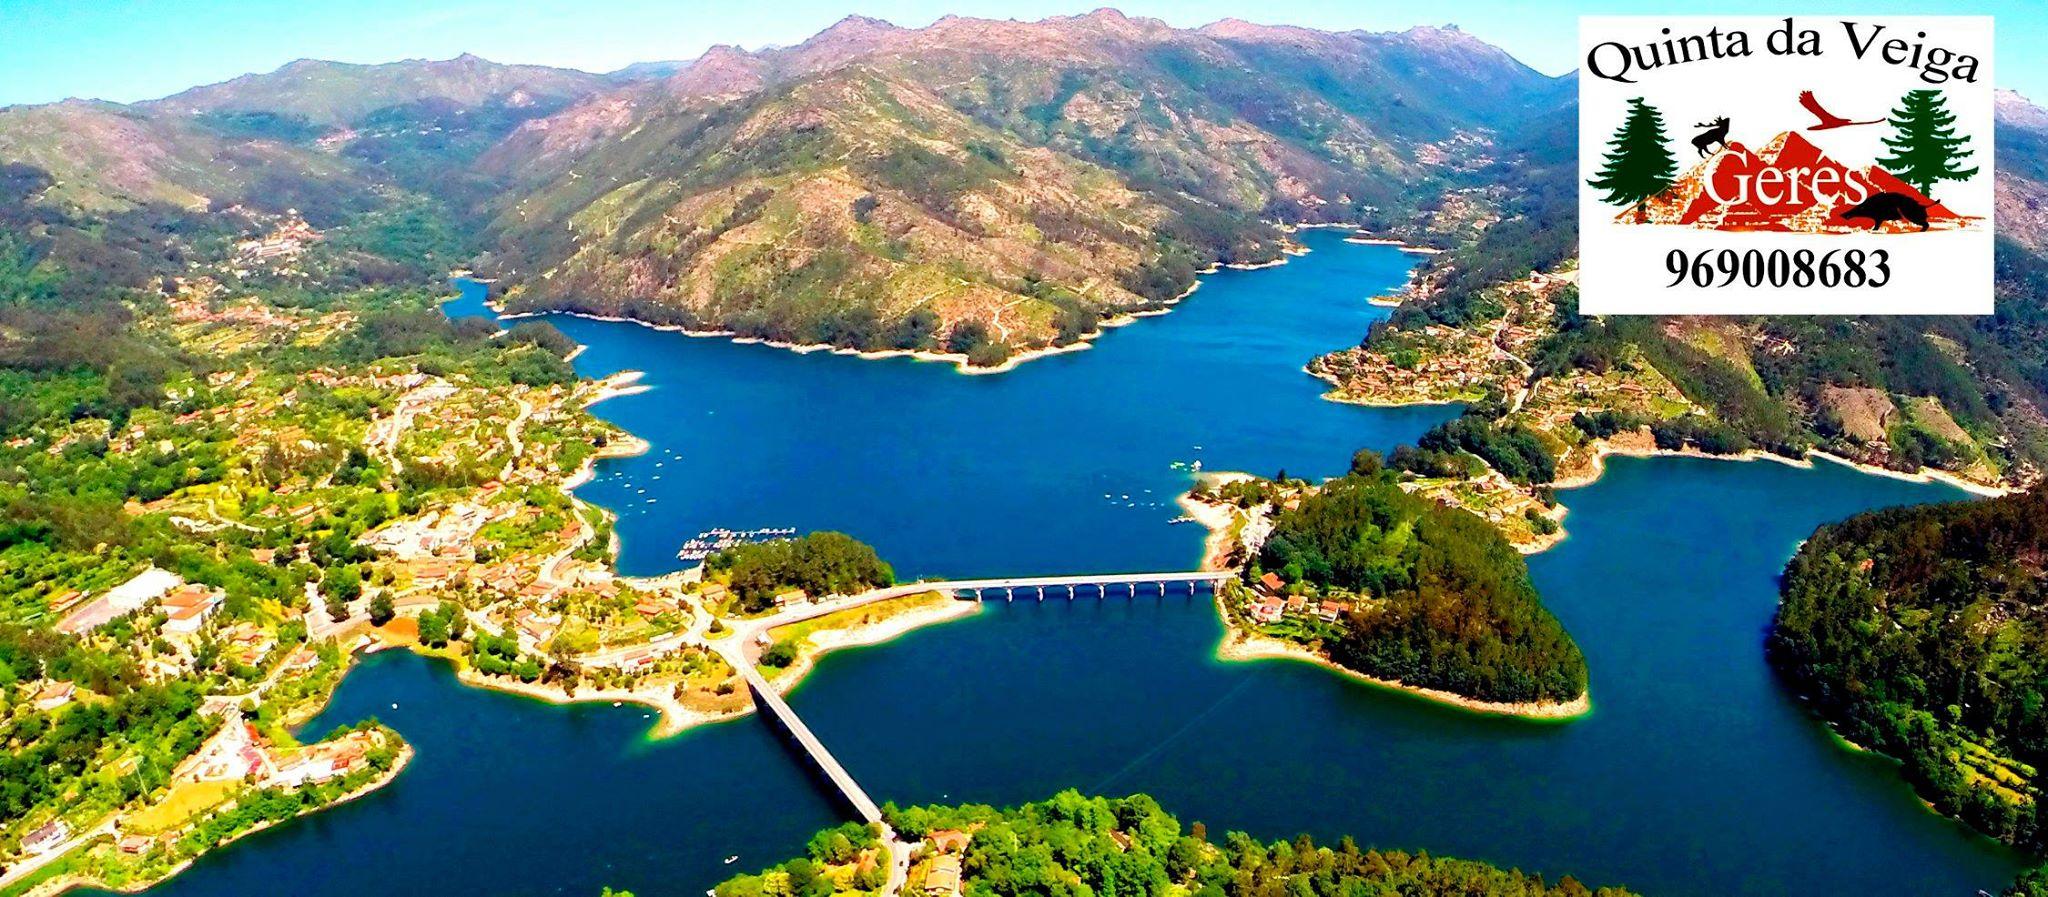 Uma Estadia de Sonho na Região Mais Inesquecível de Portugal